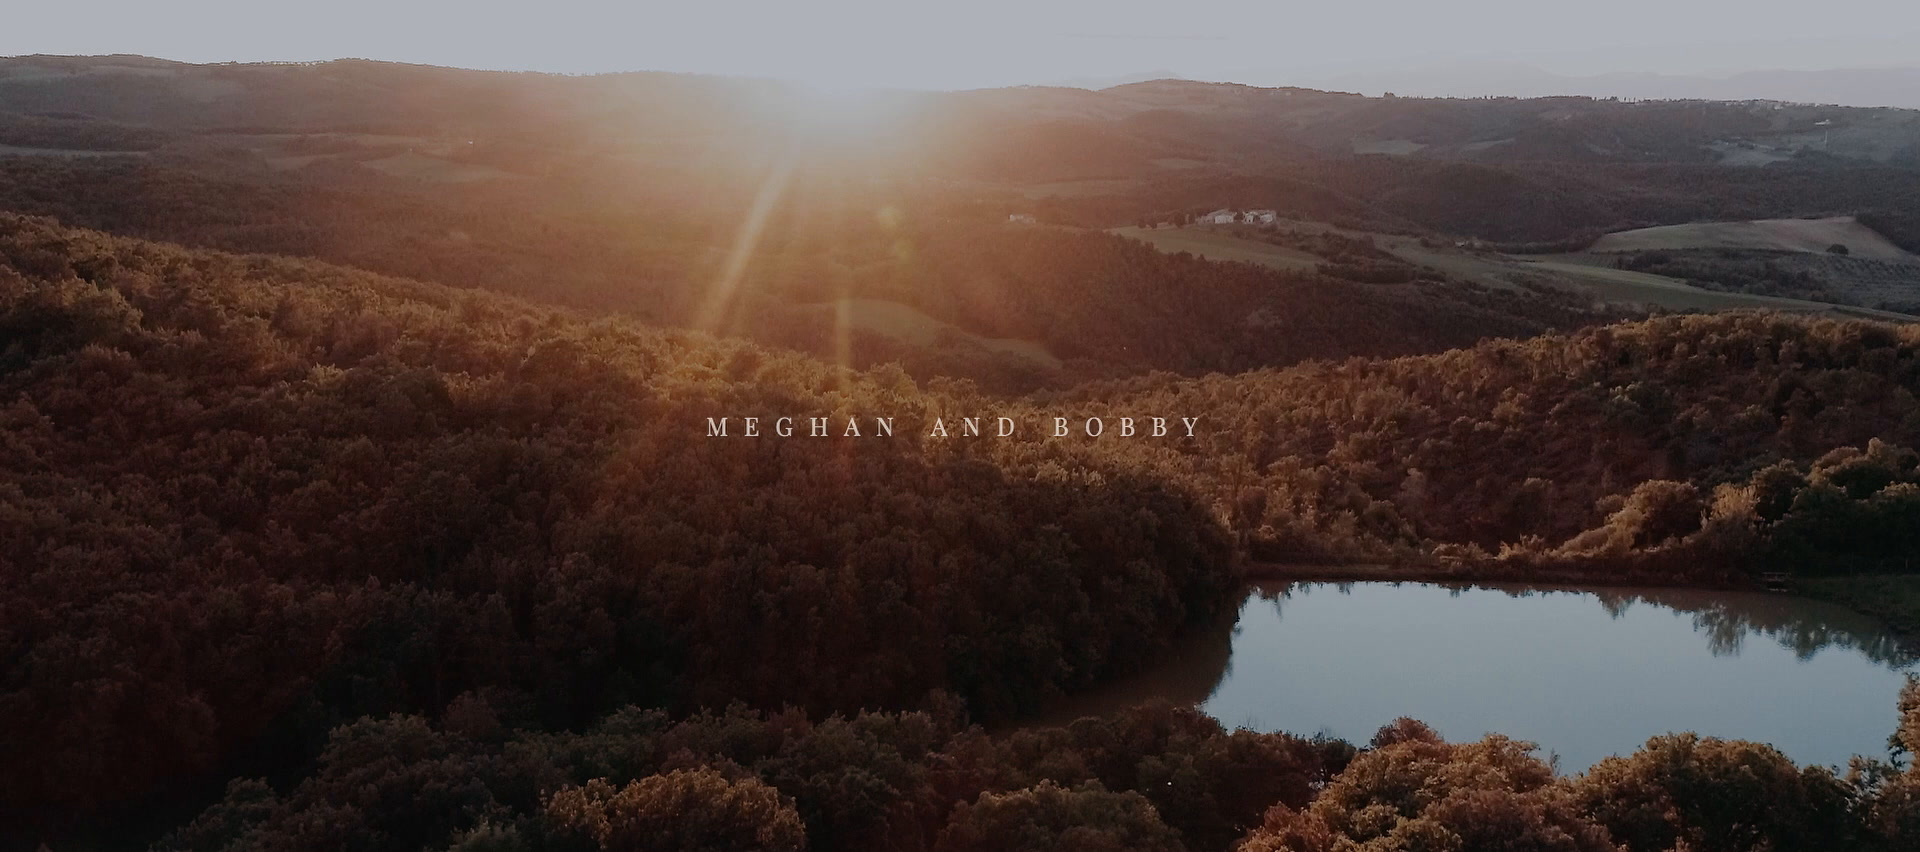 Meghan + Bobby | San Gimignano, Italy | Fattoria Larniano